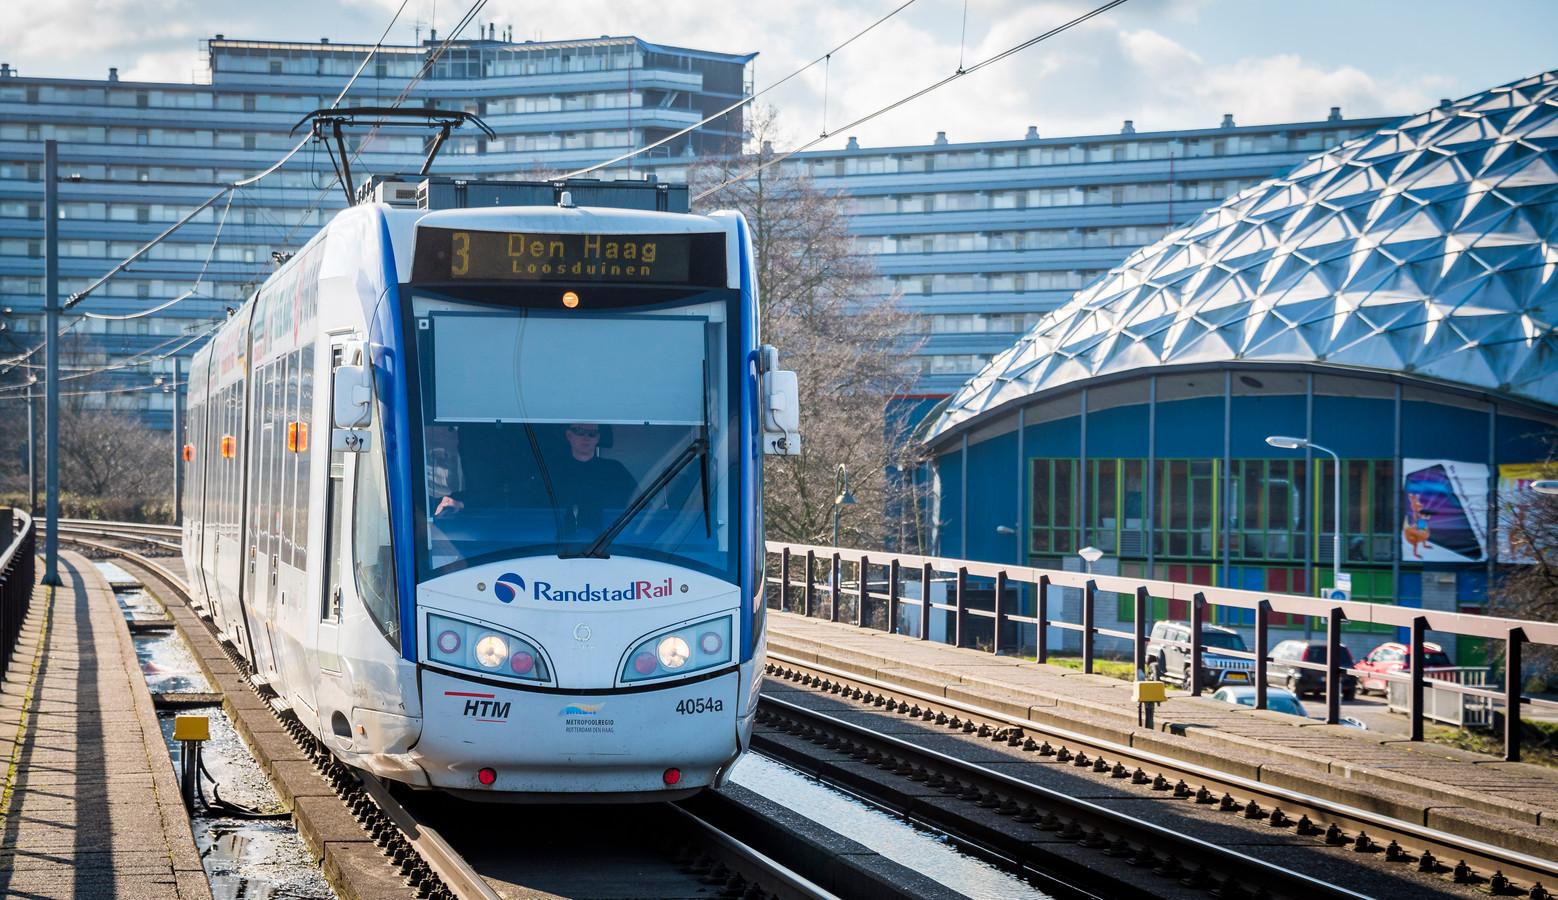 Zoetermeerse daklozen krijgen bij het nieuwe Daklozenpunt een kaartje voor de Randstadrail naar Den Haag.